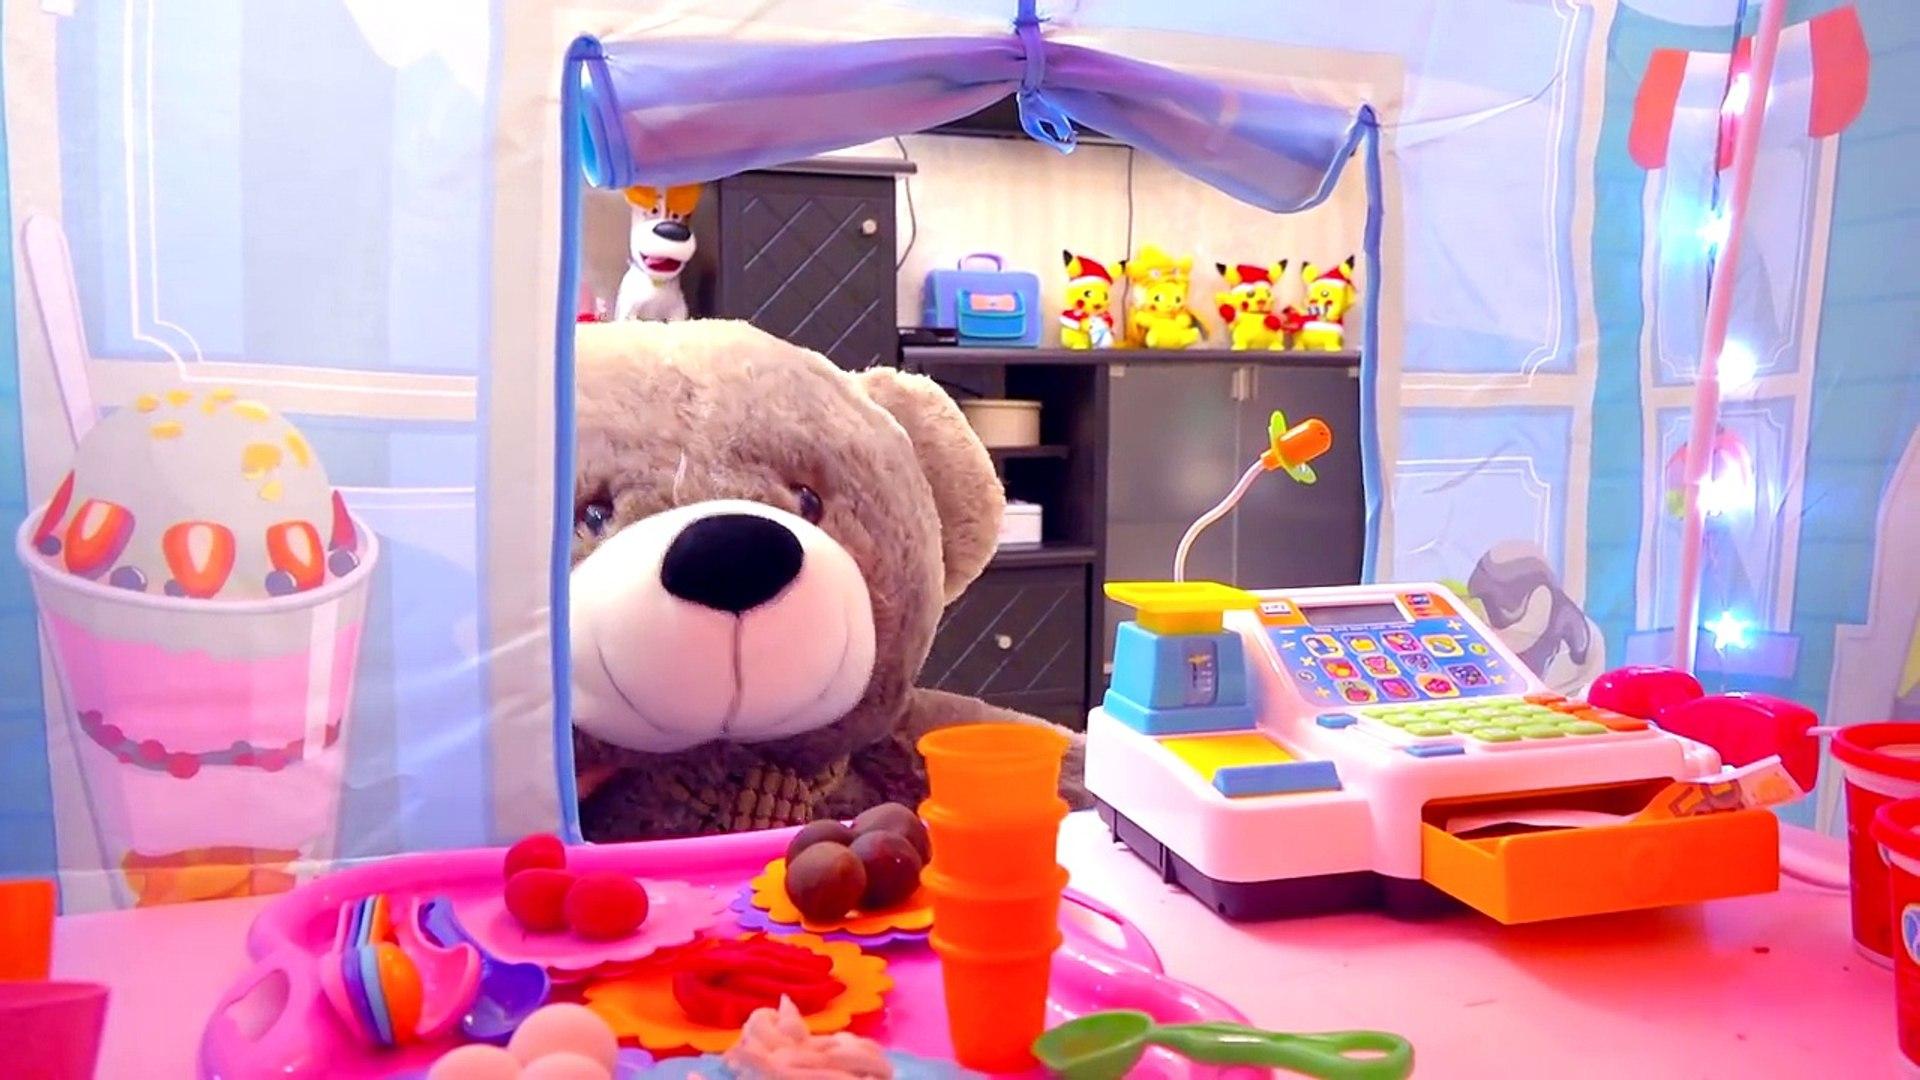 Магазин с мороженым Для детей KIDS CHILDREN Игры для детей Медведь покупает мороженое